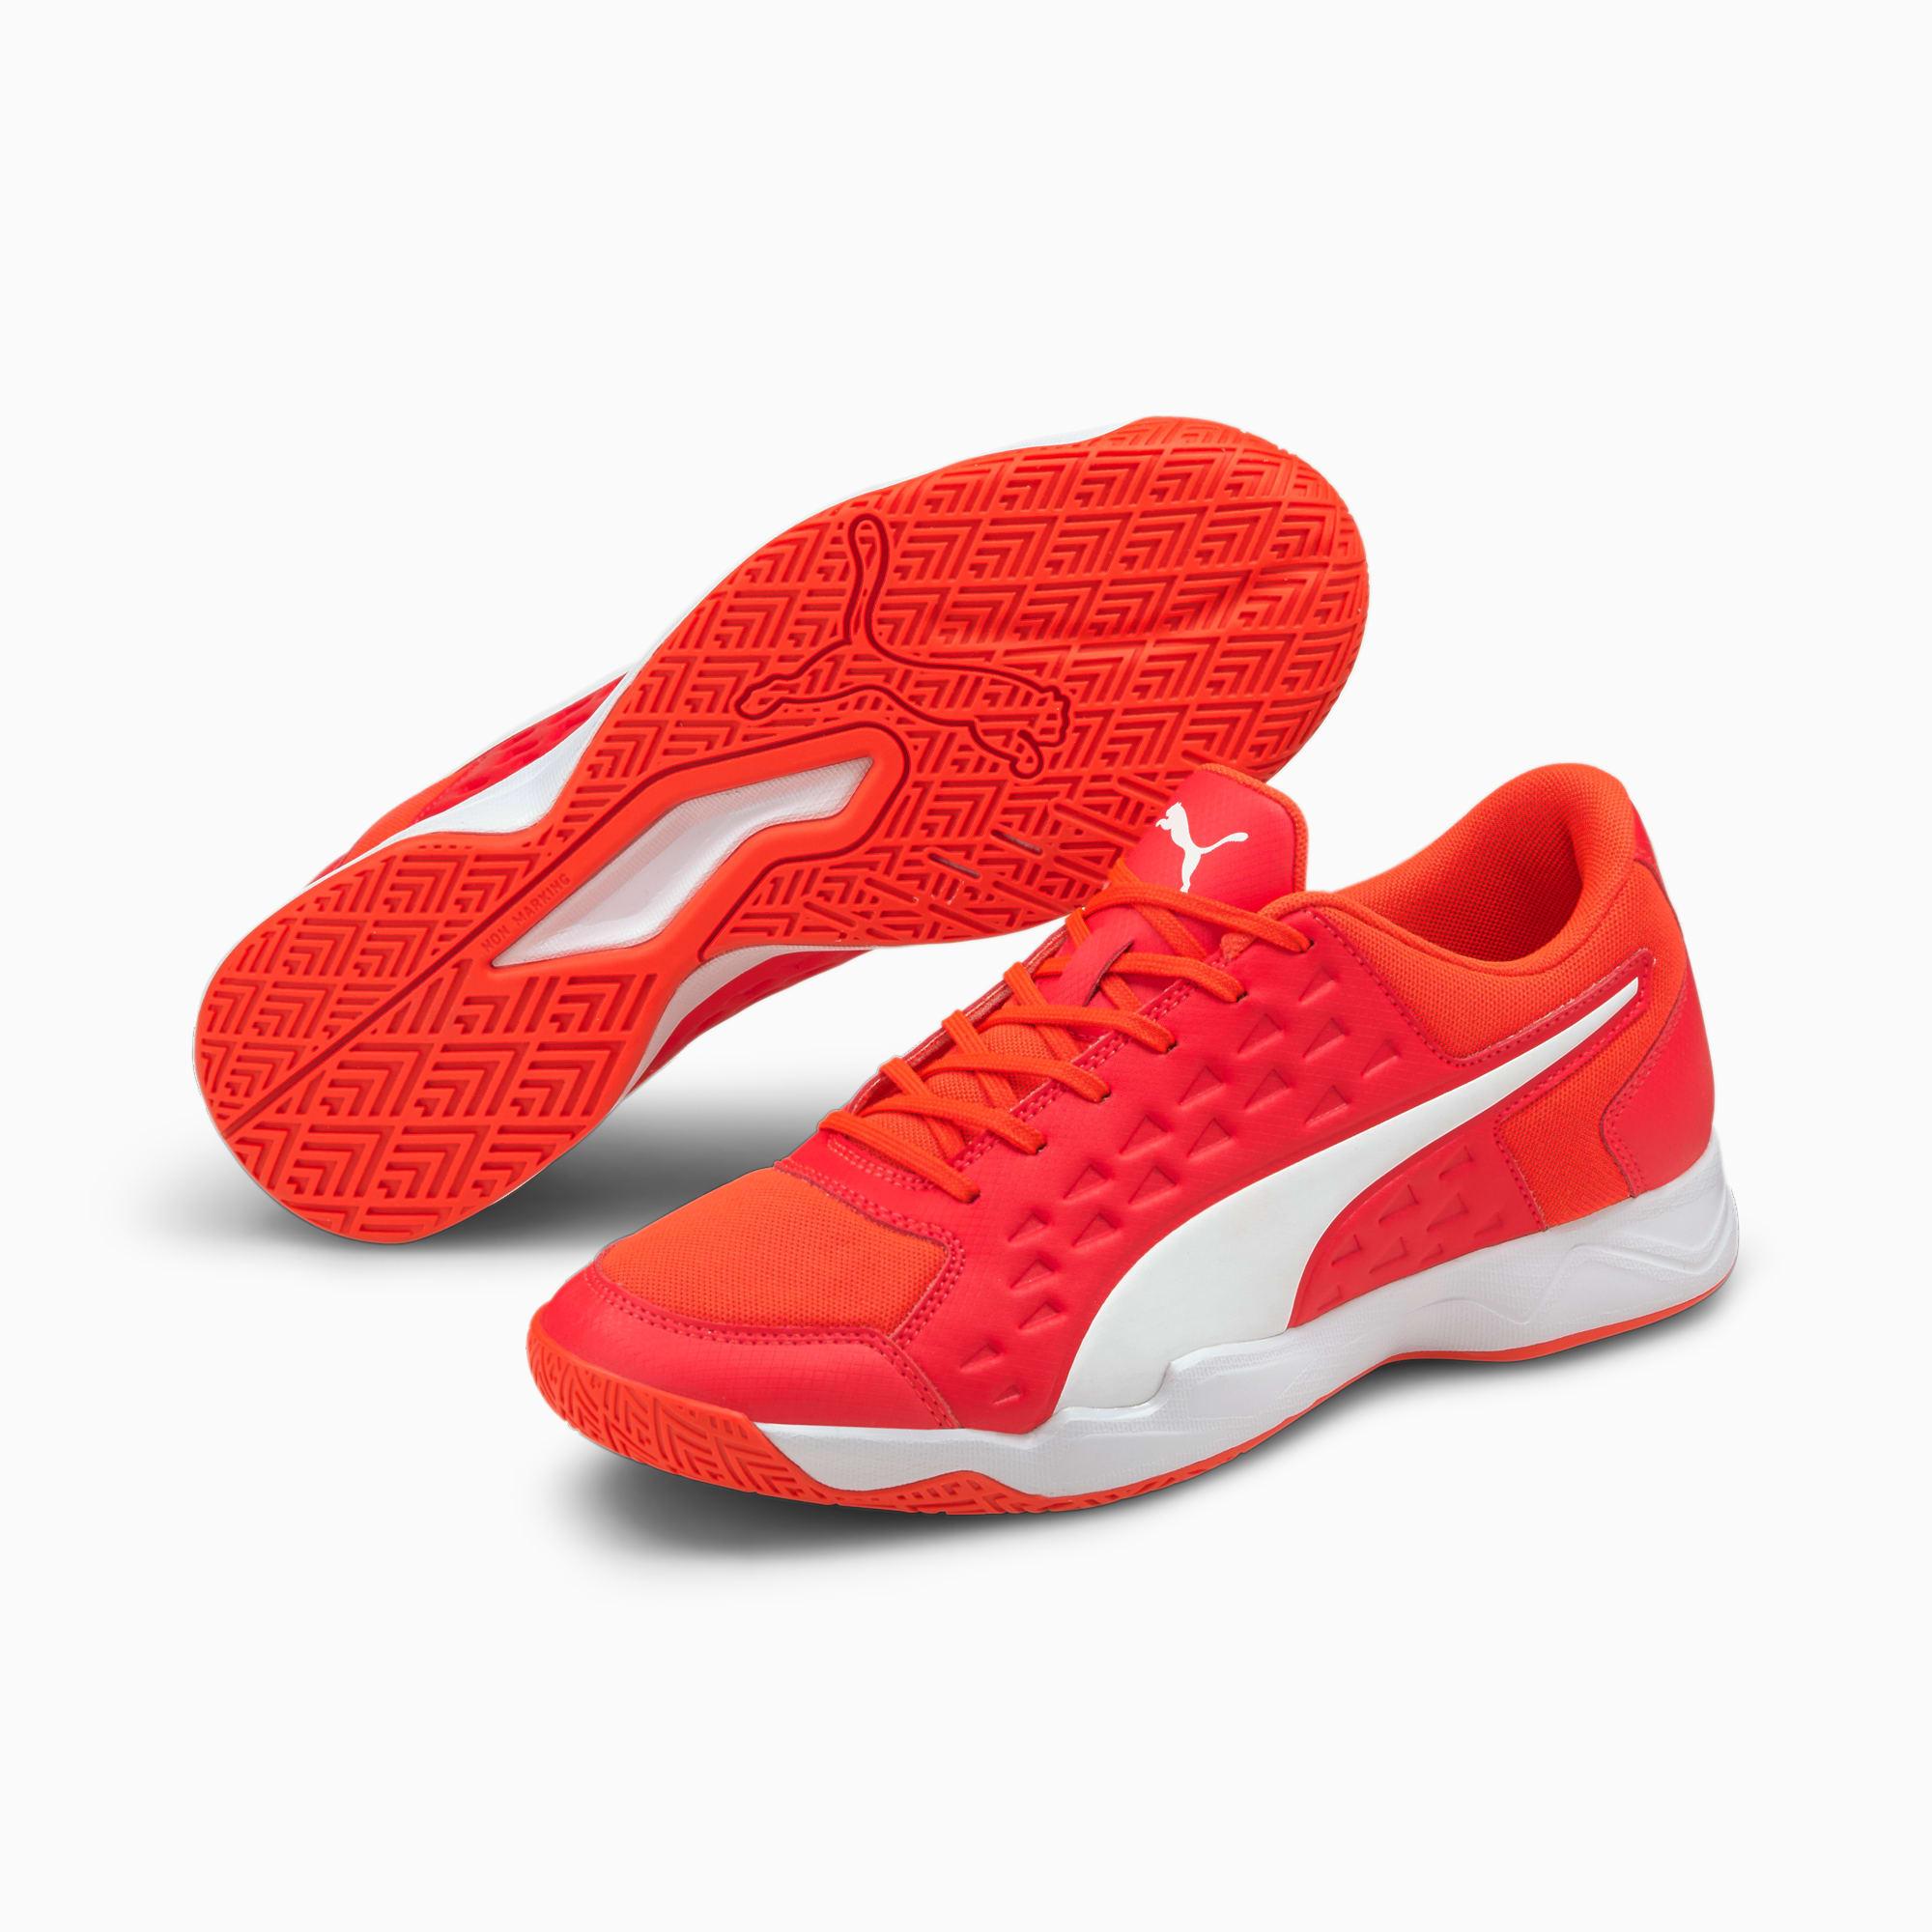 Auriz Men's Indoor Sports Shoes   Red Blast-White-Red Blast   PUMA ...